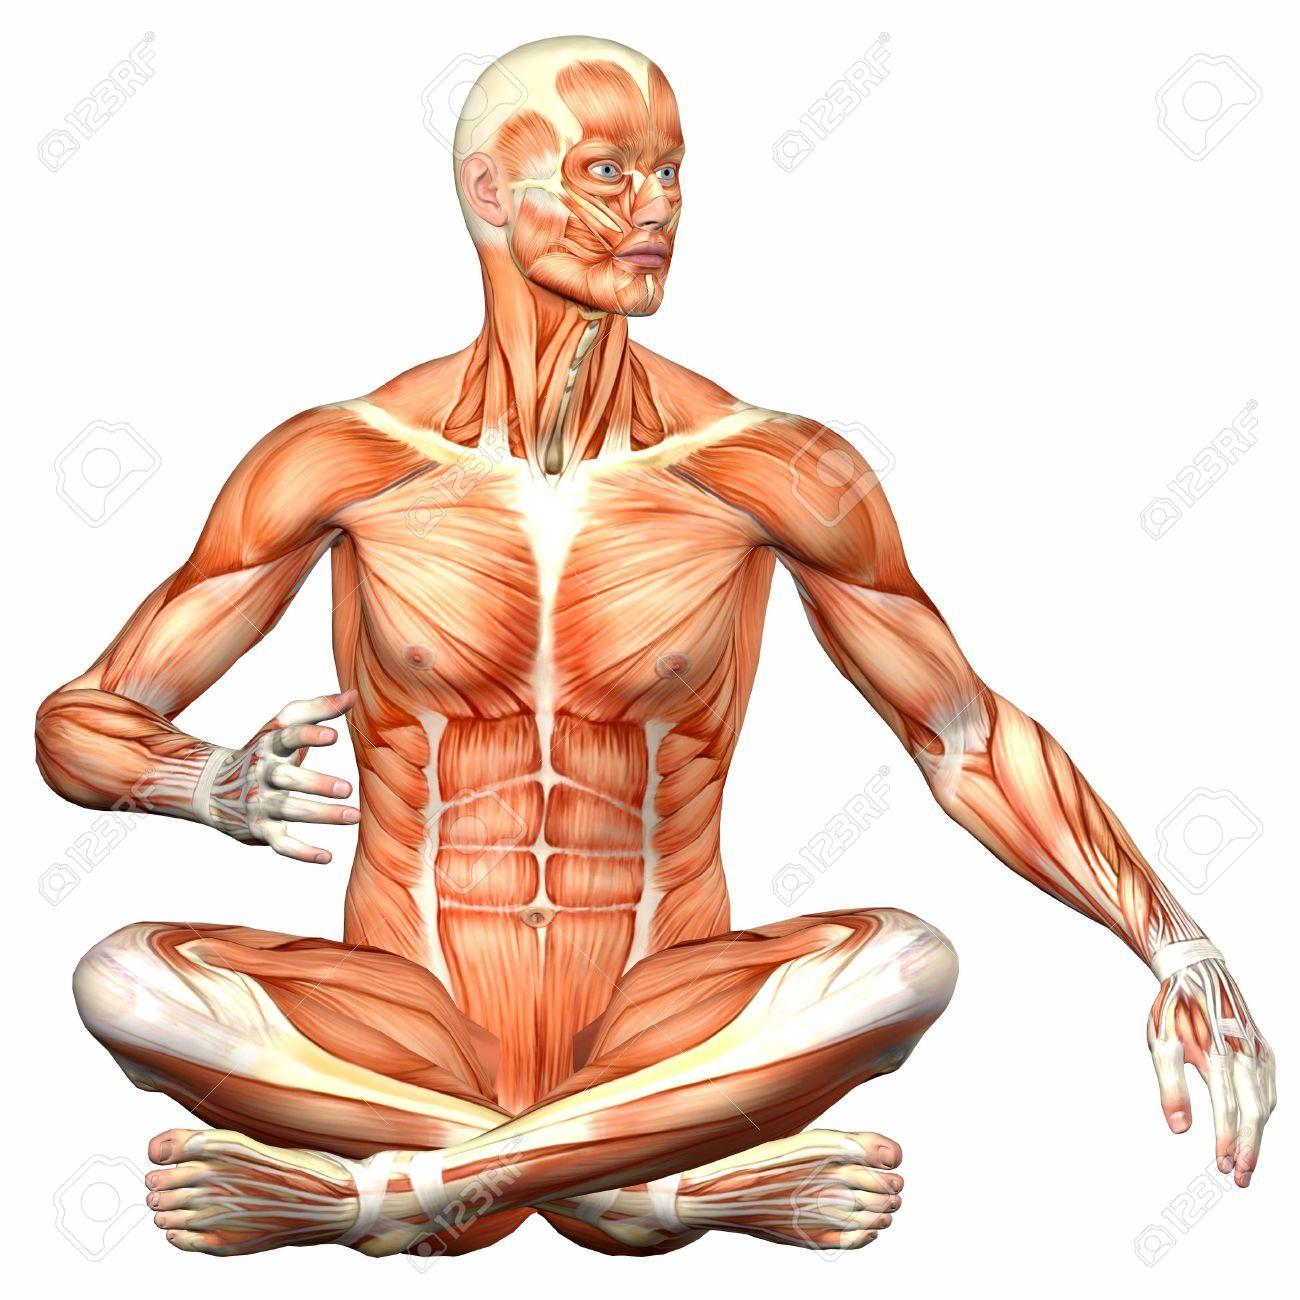 Magnífico Diagramas De Anatomía En Blanco Friso - Anatomía de Las ...